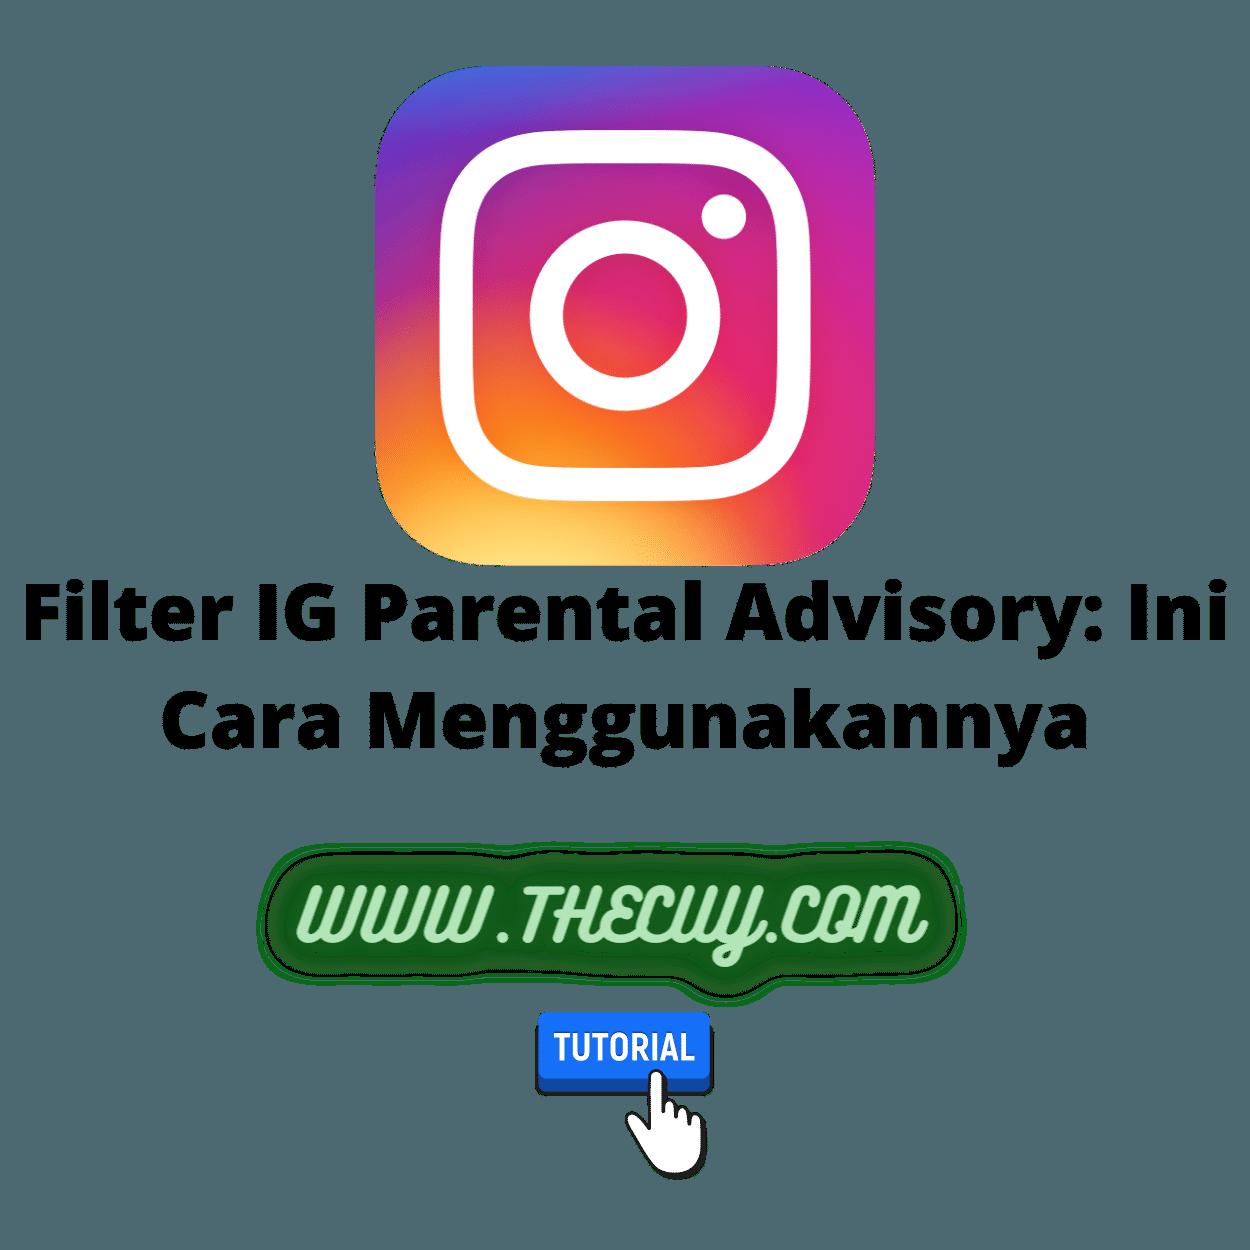 Filter IG Parental Advisory: Ini Cara Menggunakannya